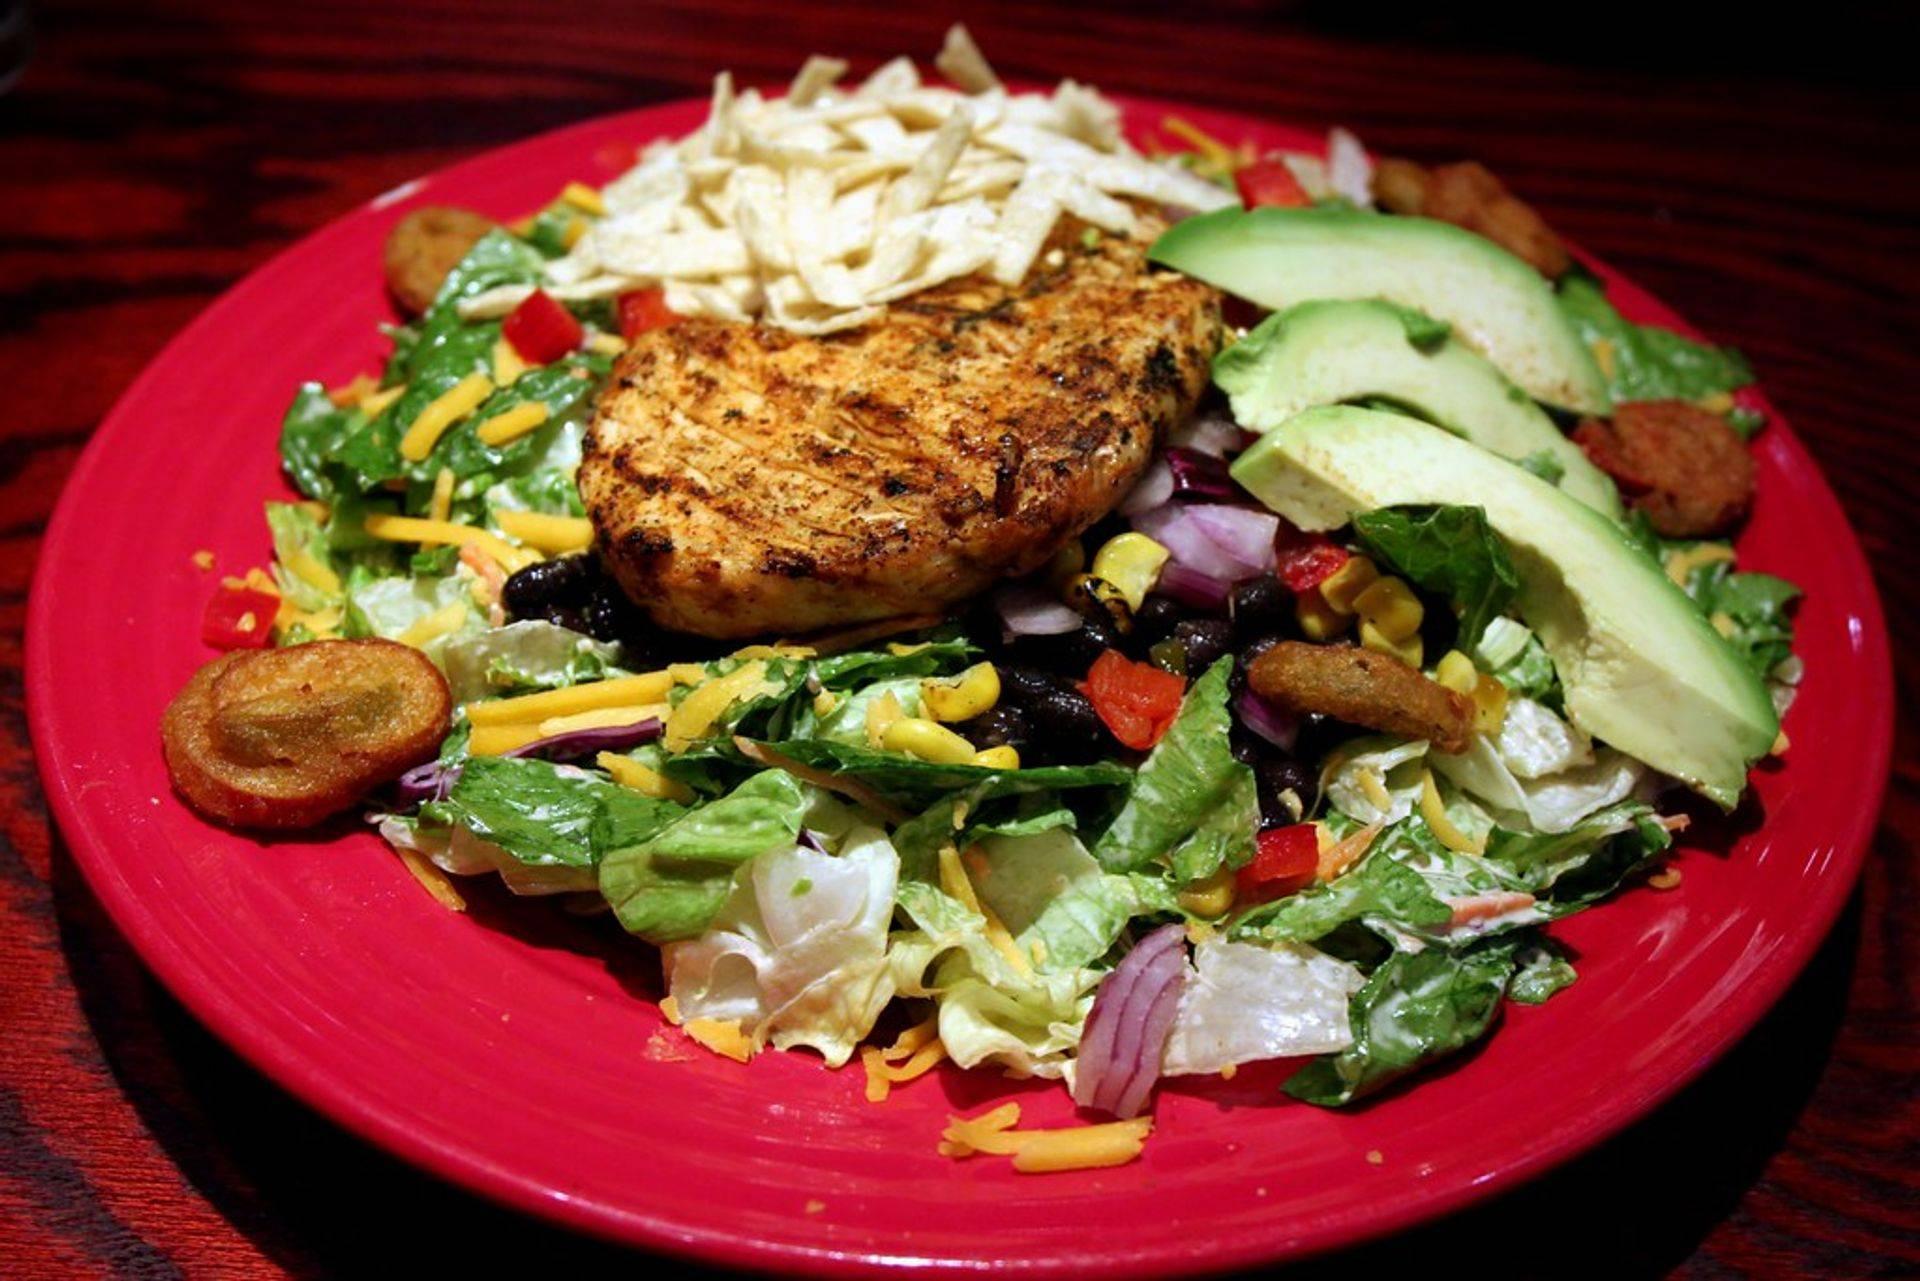 chicken salad at its best